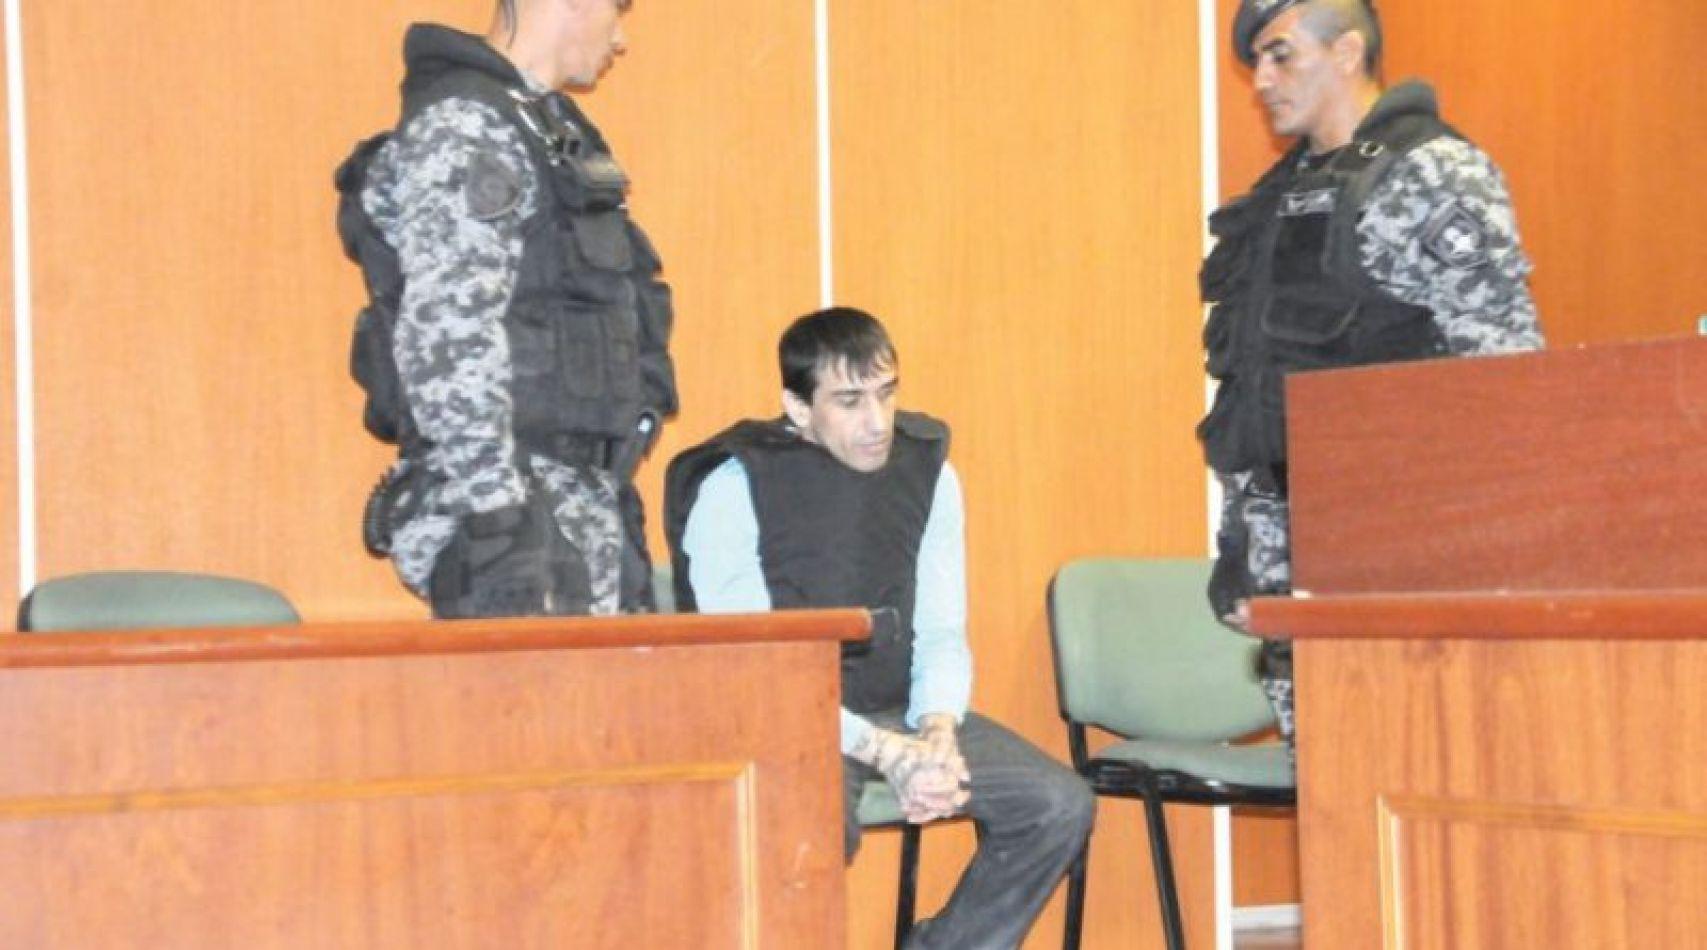 Femicidio en la cárcel: hoy se reanuda el juicio contra Chirete ...